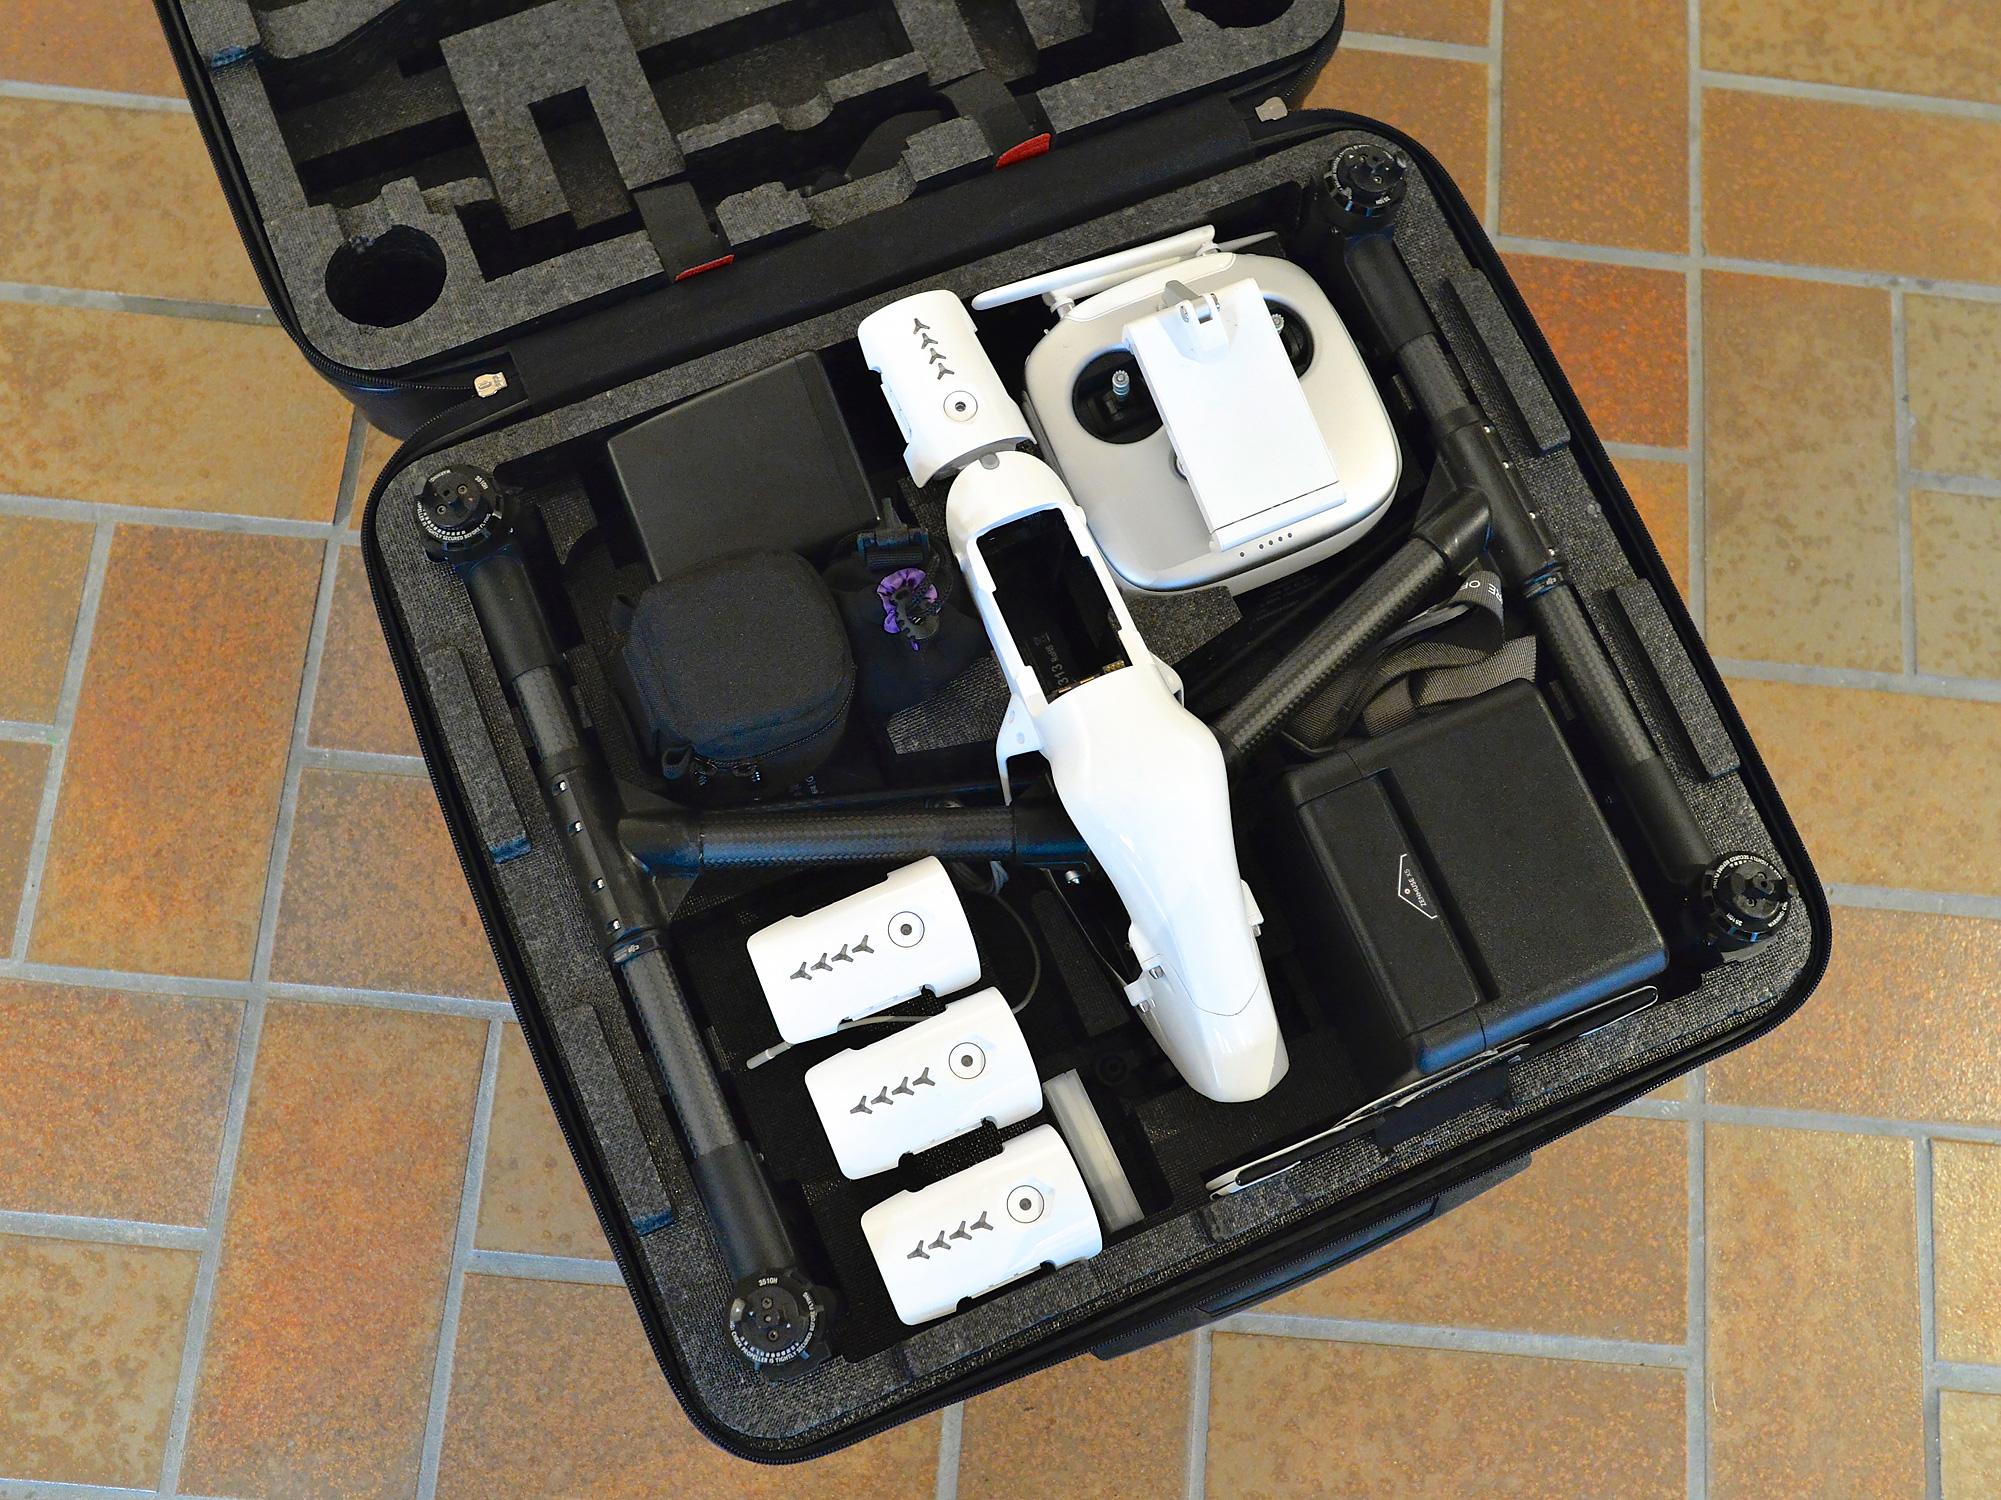 Die Ausrüstung optimal aufgeräumt im DJI Koffer